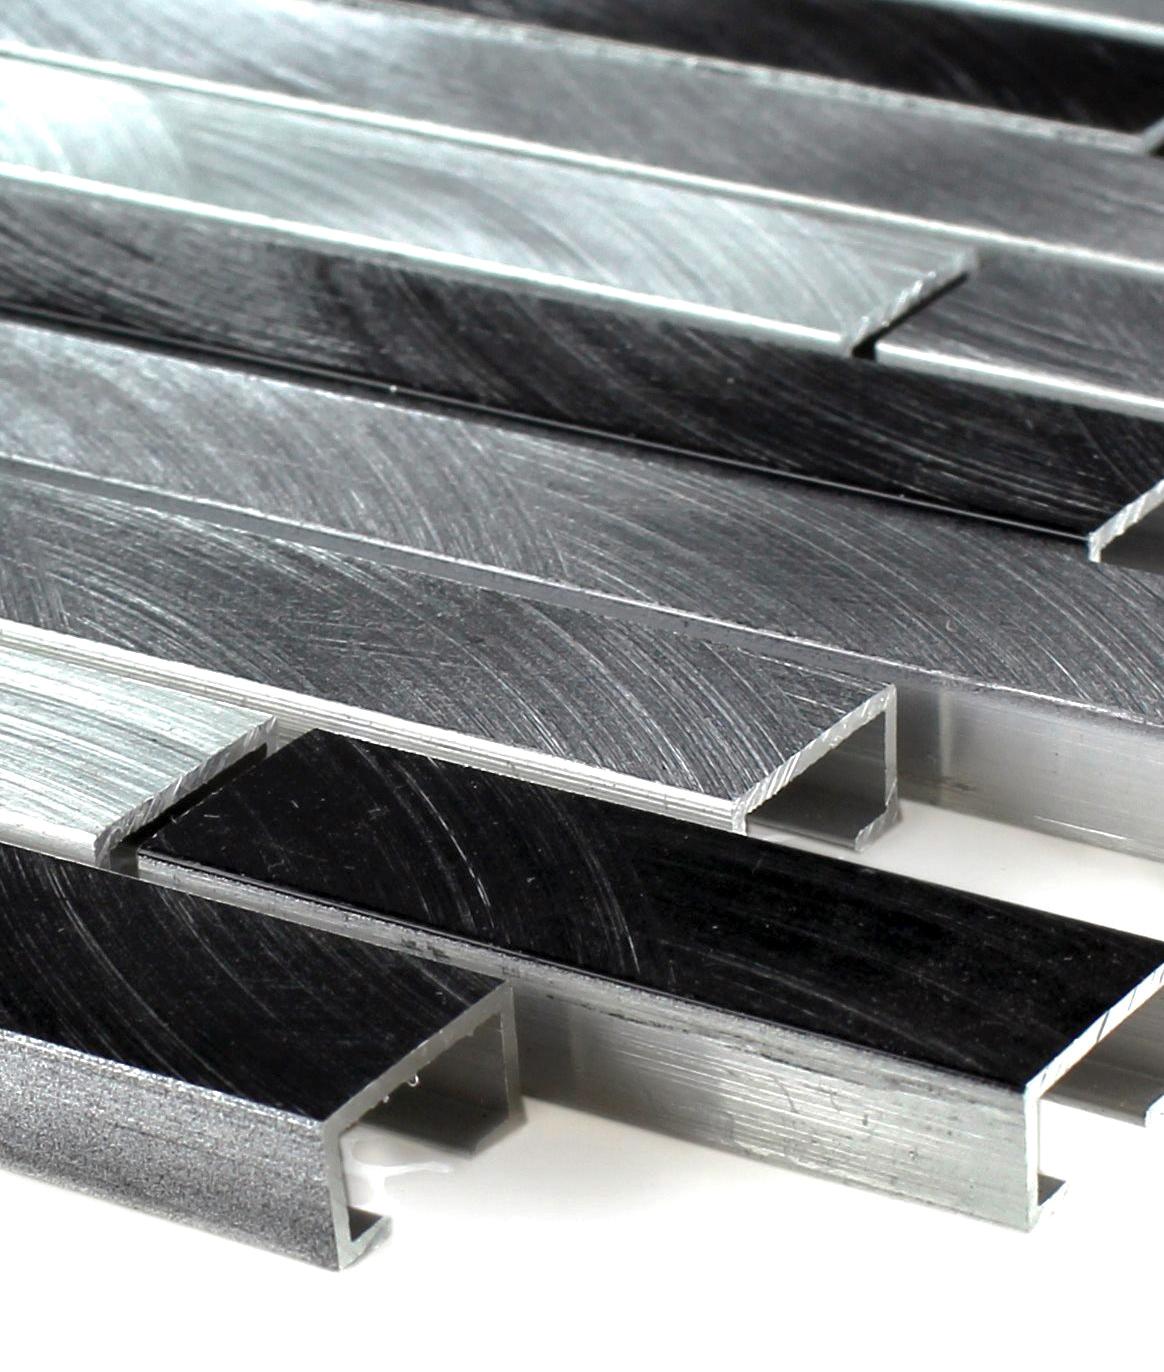 Usos del aluminio, propiedades